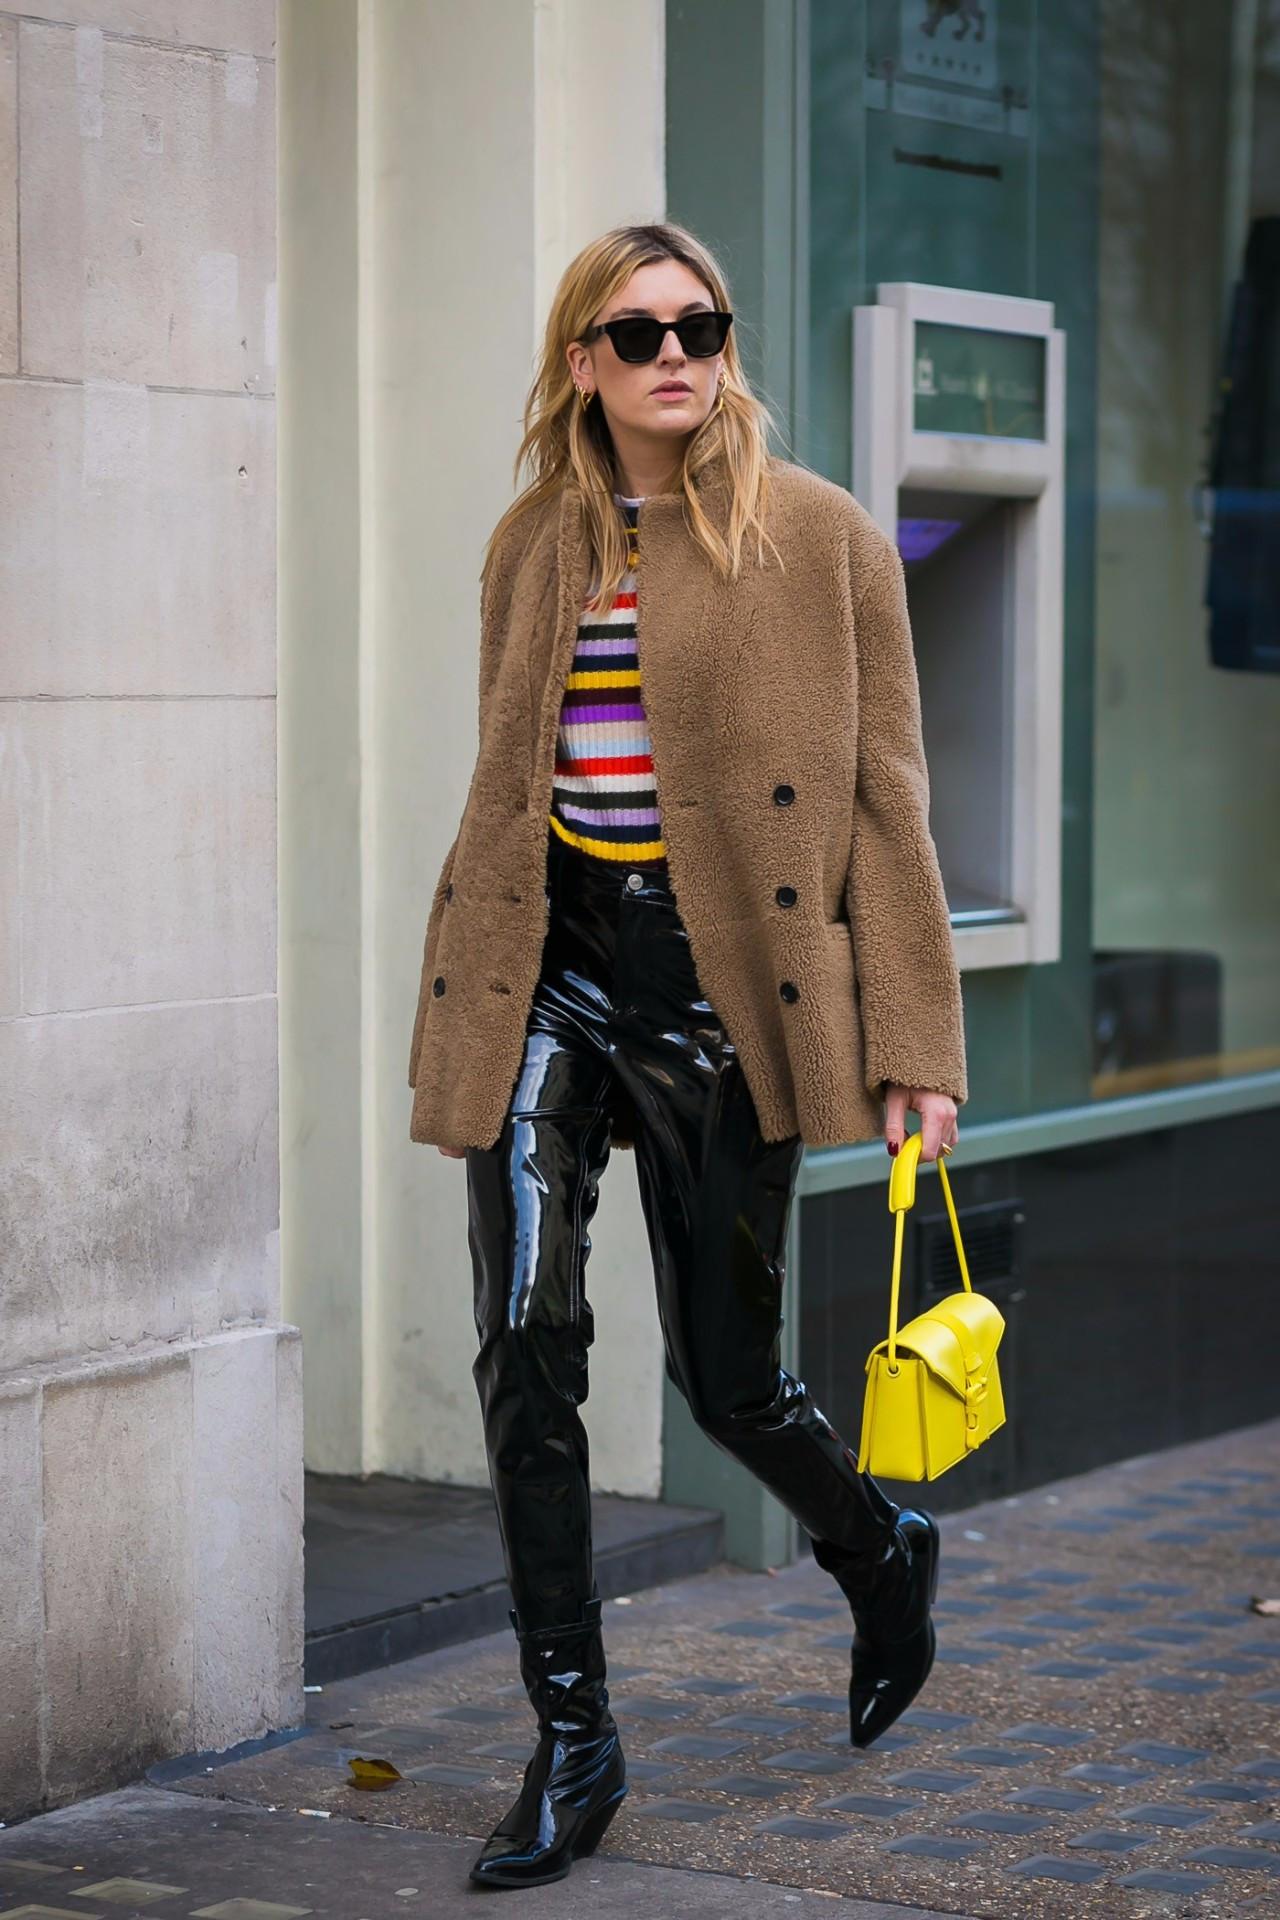 你的厚外套臃肿还是时髦,就在这一念之间!